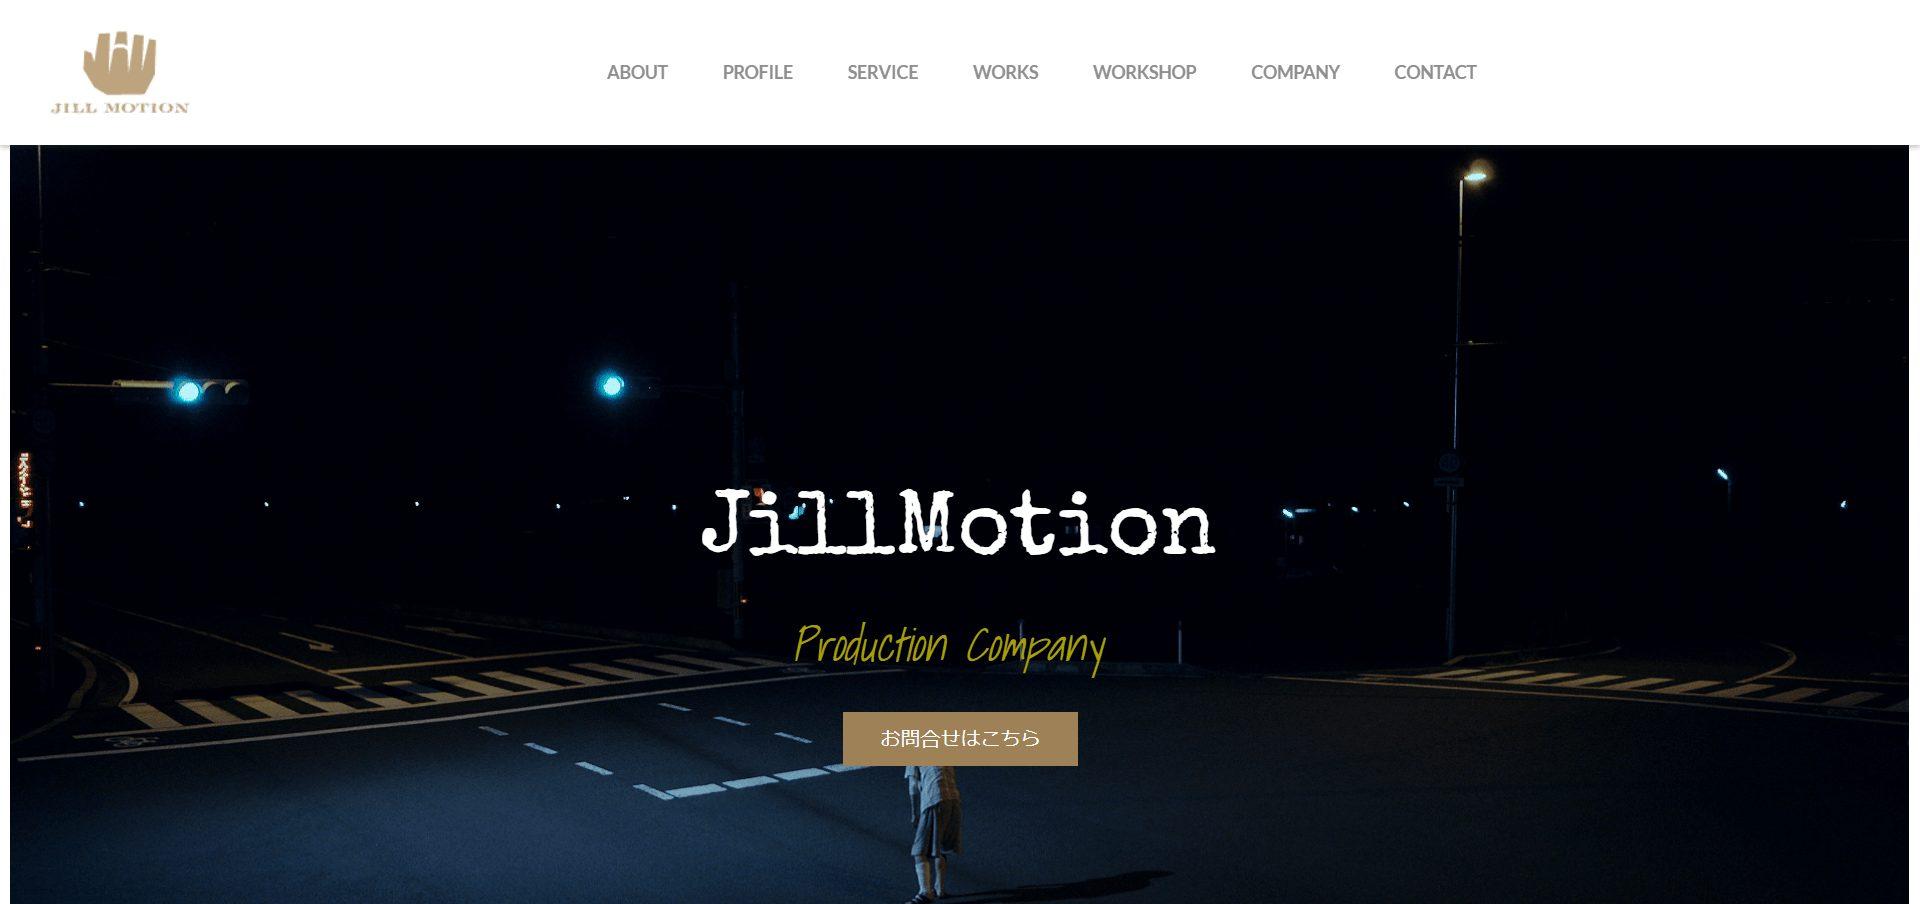 過去実績事例 ウェブ制作・ポスターデザイン制作 株式会社JillMotion・JILLMOTION.INC VICENTE   ウェブ制作、ニューヨーク、ウェブデザイン、東京、映画、公式サイト、日英語字幕翻訳、オフィシャルサイト web design, web development, new york, film, film translation